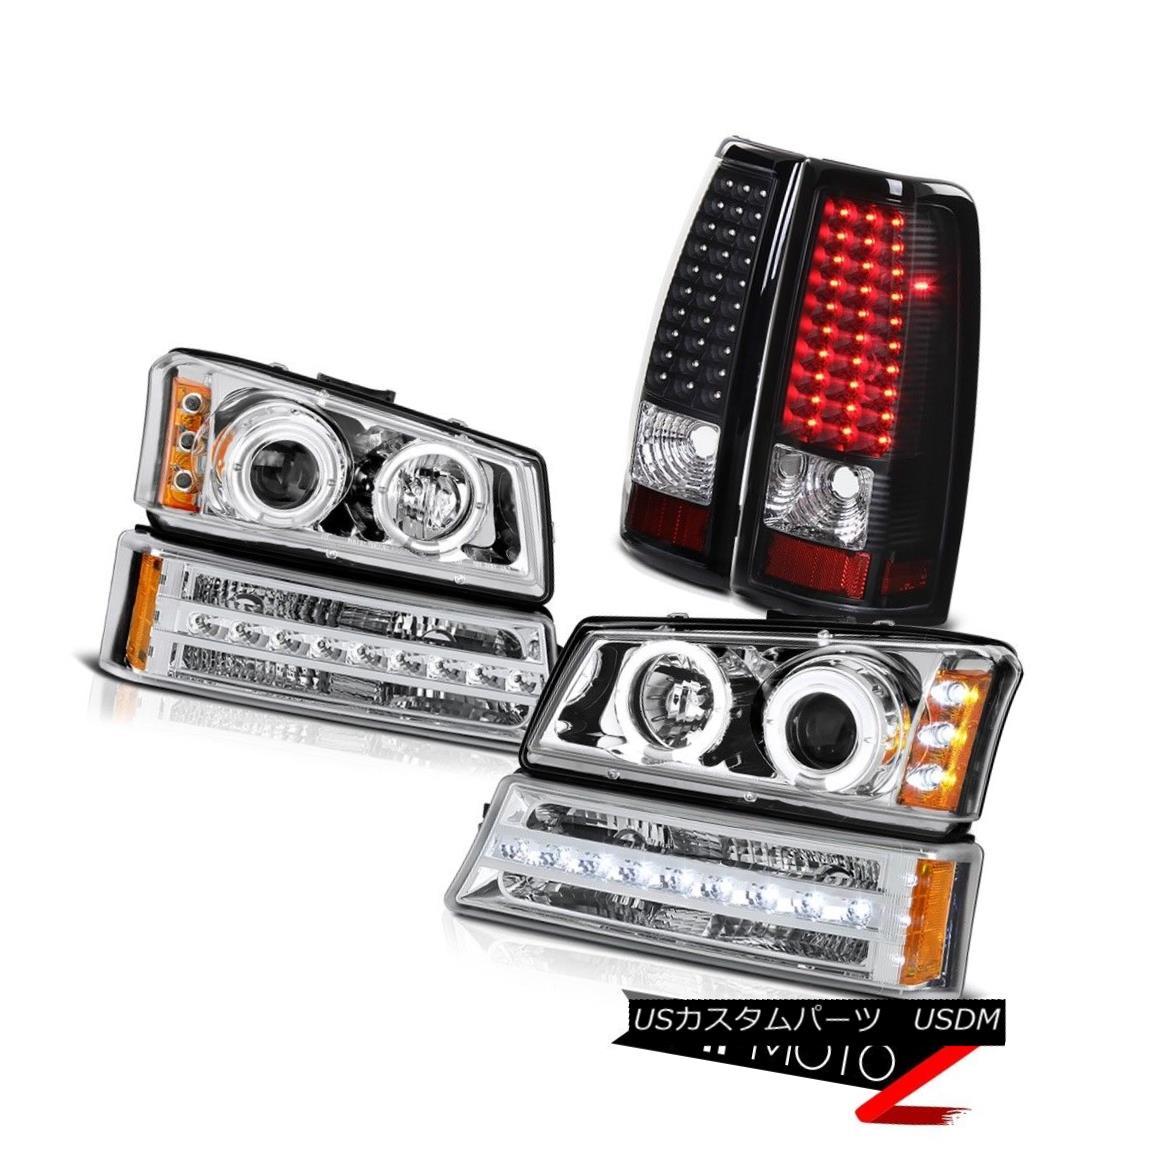 テールライト 03 04 05 06 Silverado Black taillamps sterling chrome signal light headlamps 03 04 05 06 Silverado Black taillamps純銀製シグナルライトヘッドランプ